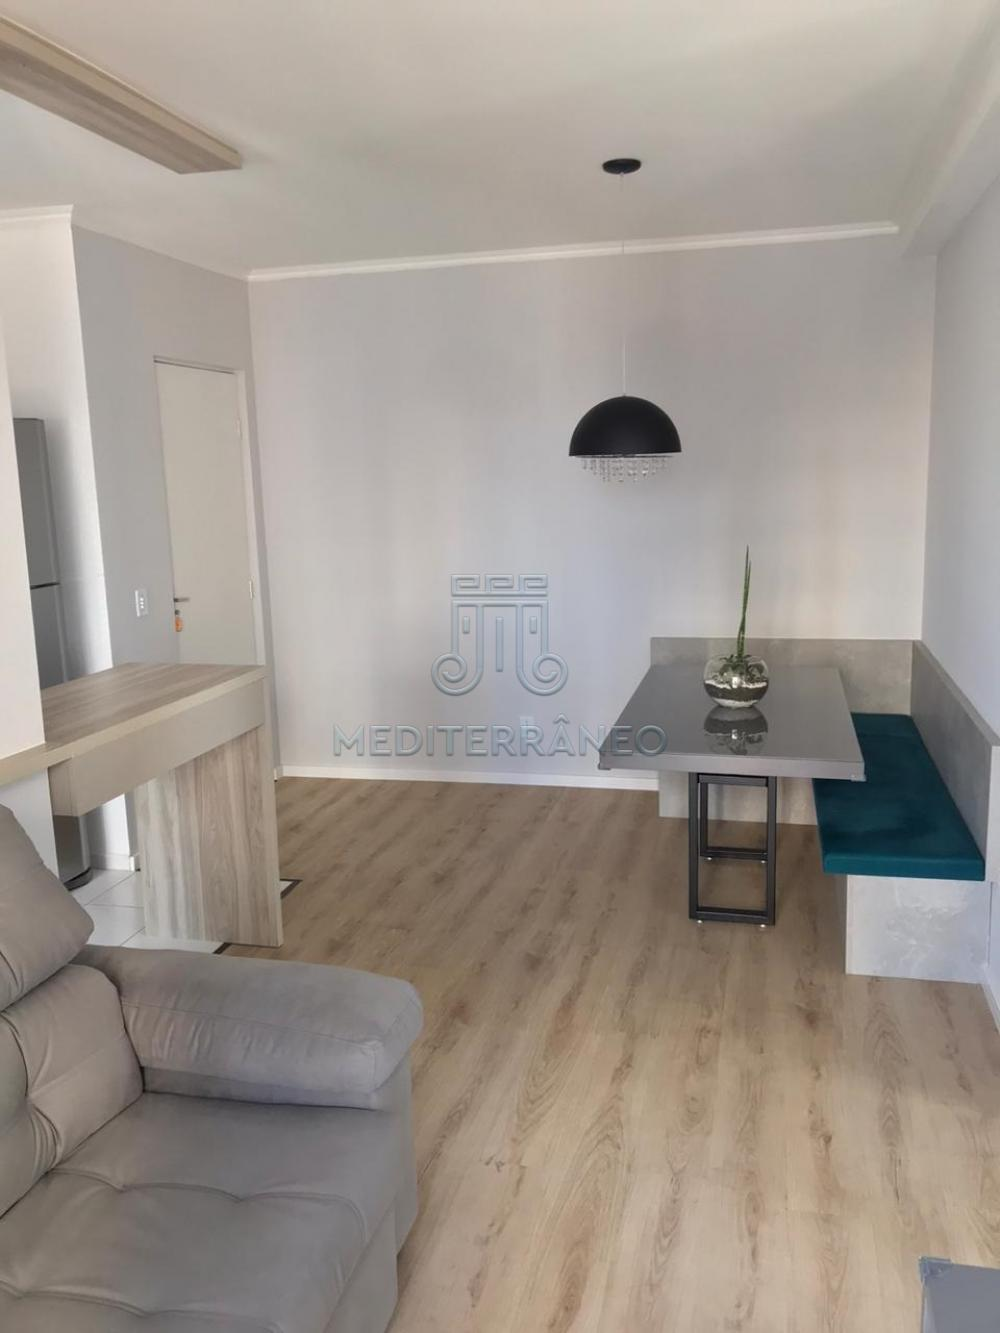 Comprar Apartamento / Padrão em Jundiaí apenas R$ 290.000,00 - Foto 1